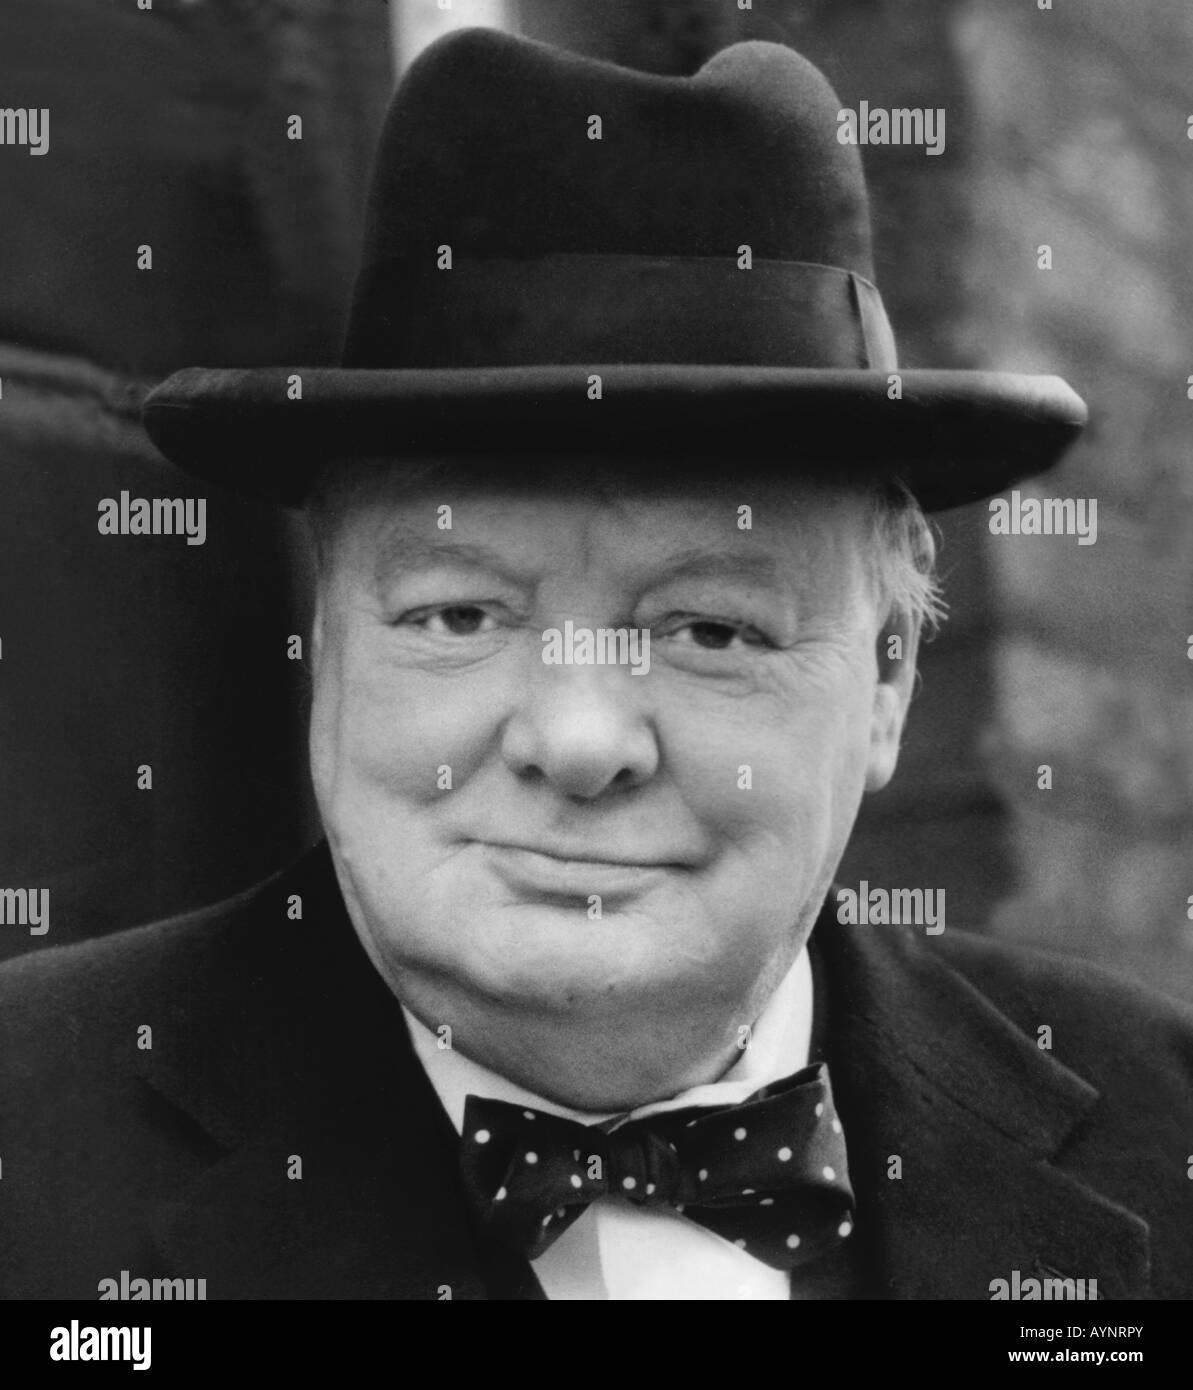 Sir Winston Churchill leader bellico inglese 1940 s immagine Immagini Stock